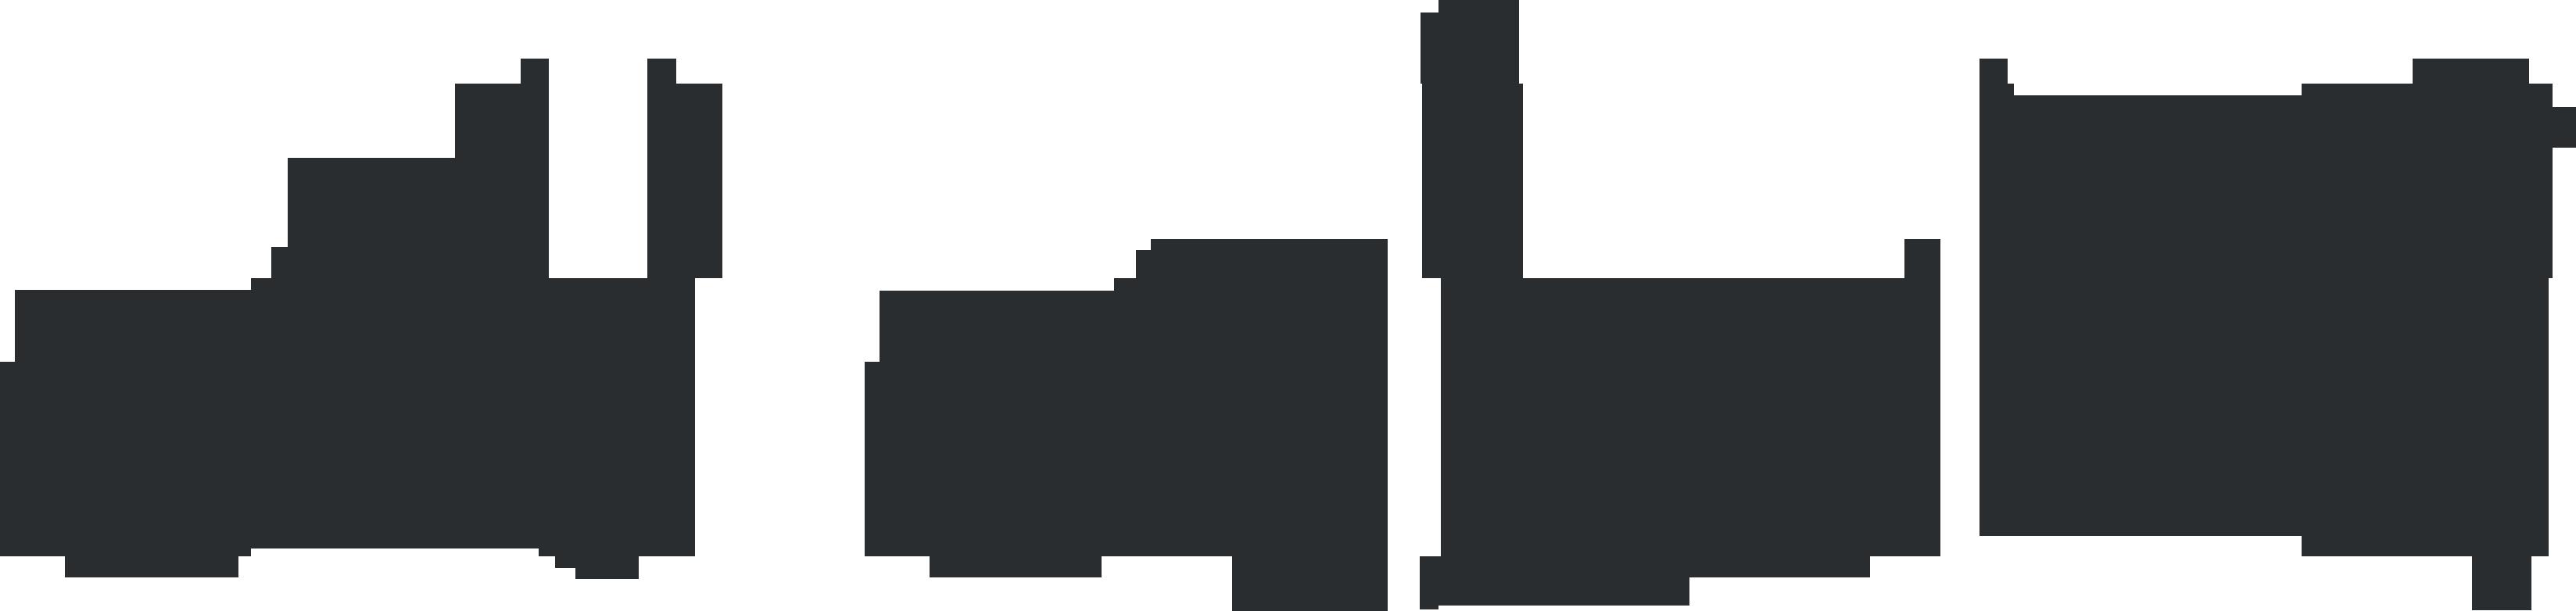 موقع قدرات البيان أون لاين logo